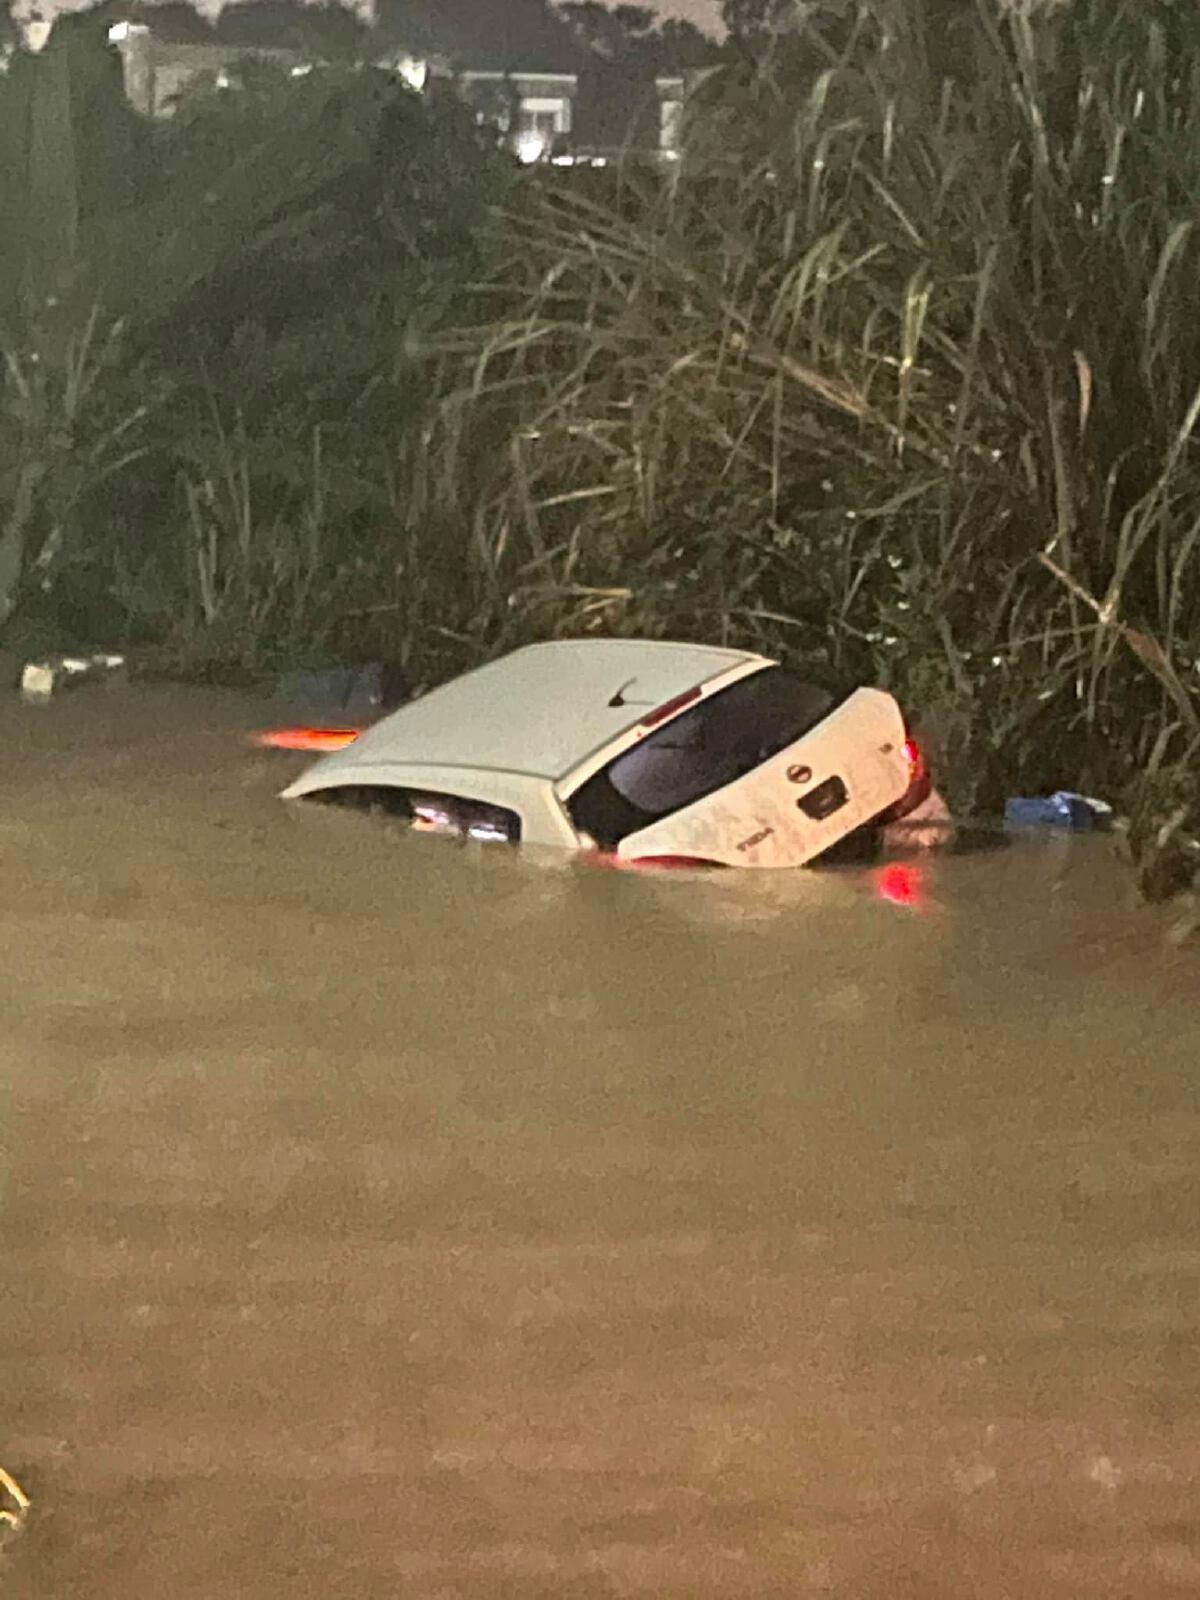 สาวเล่านาทีชีวิต ติดอยู่ในรถโดนกระแสน้ำพัดไปเรื่อยๆ น้ำเข้าจนจะถึงจมูก